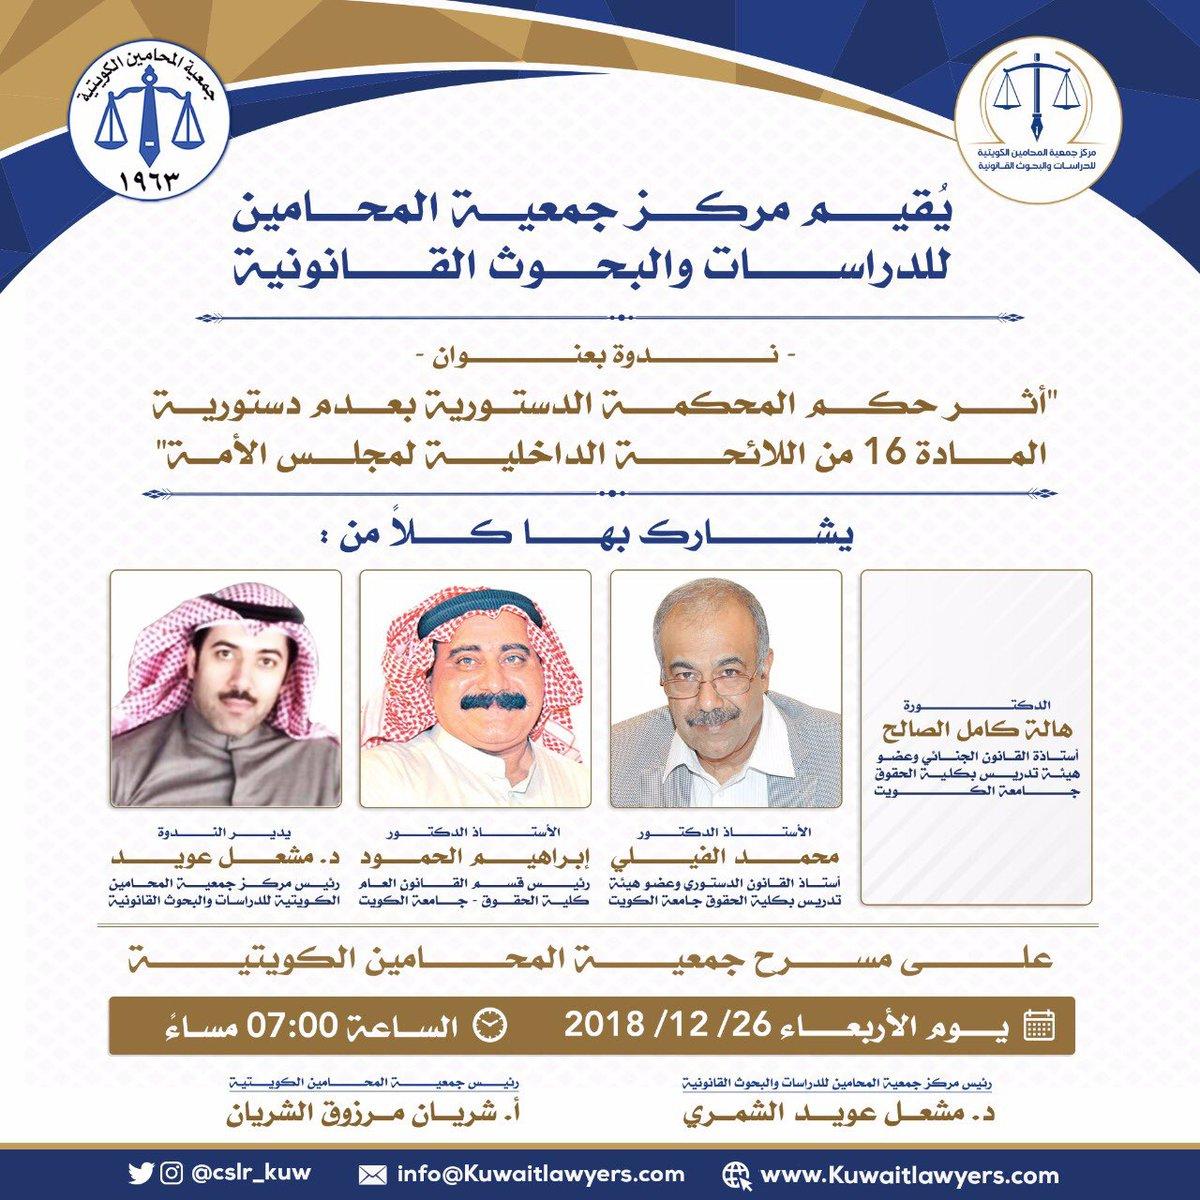 يسر مركز جمعية المحامين الكويت...